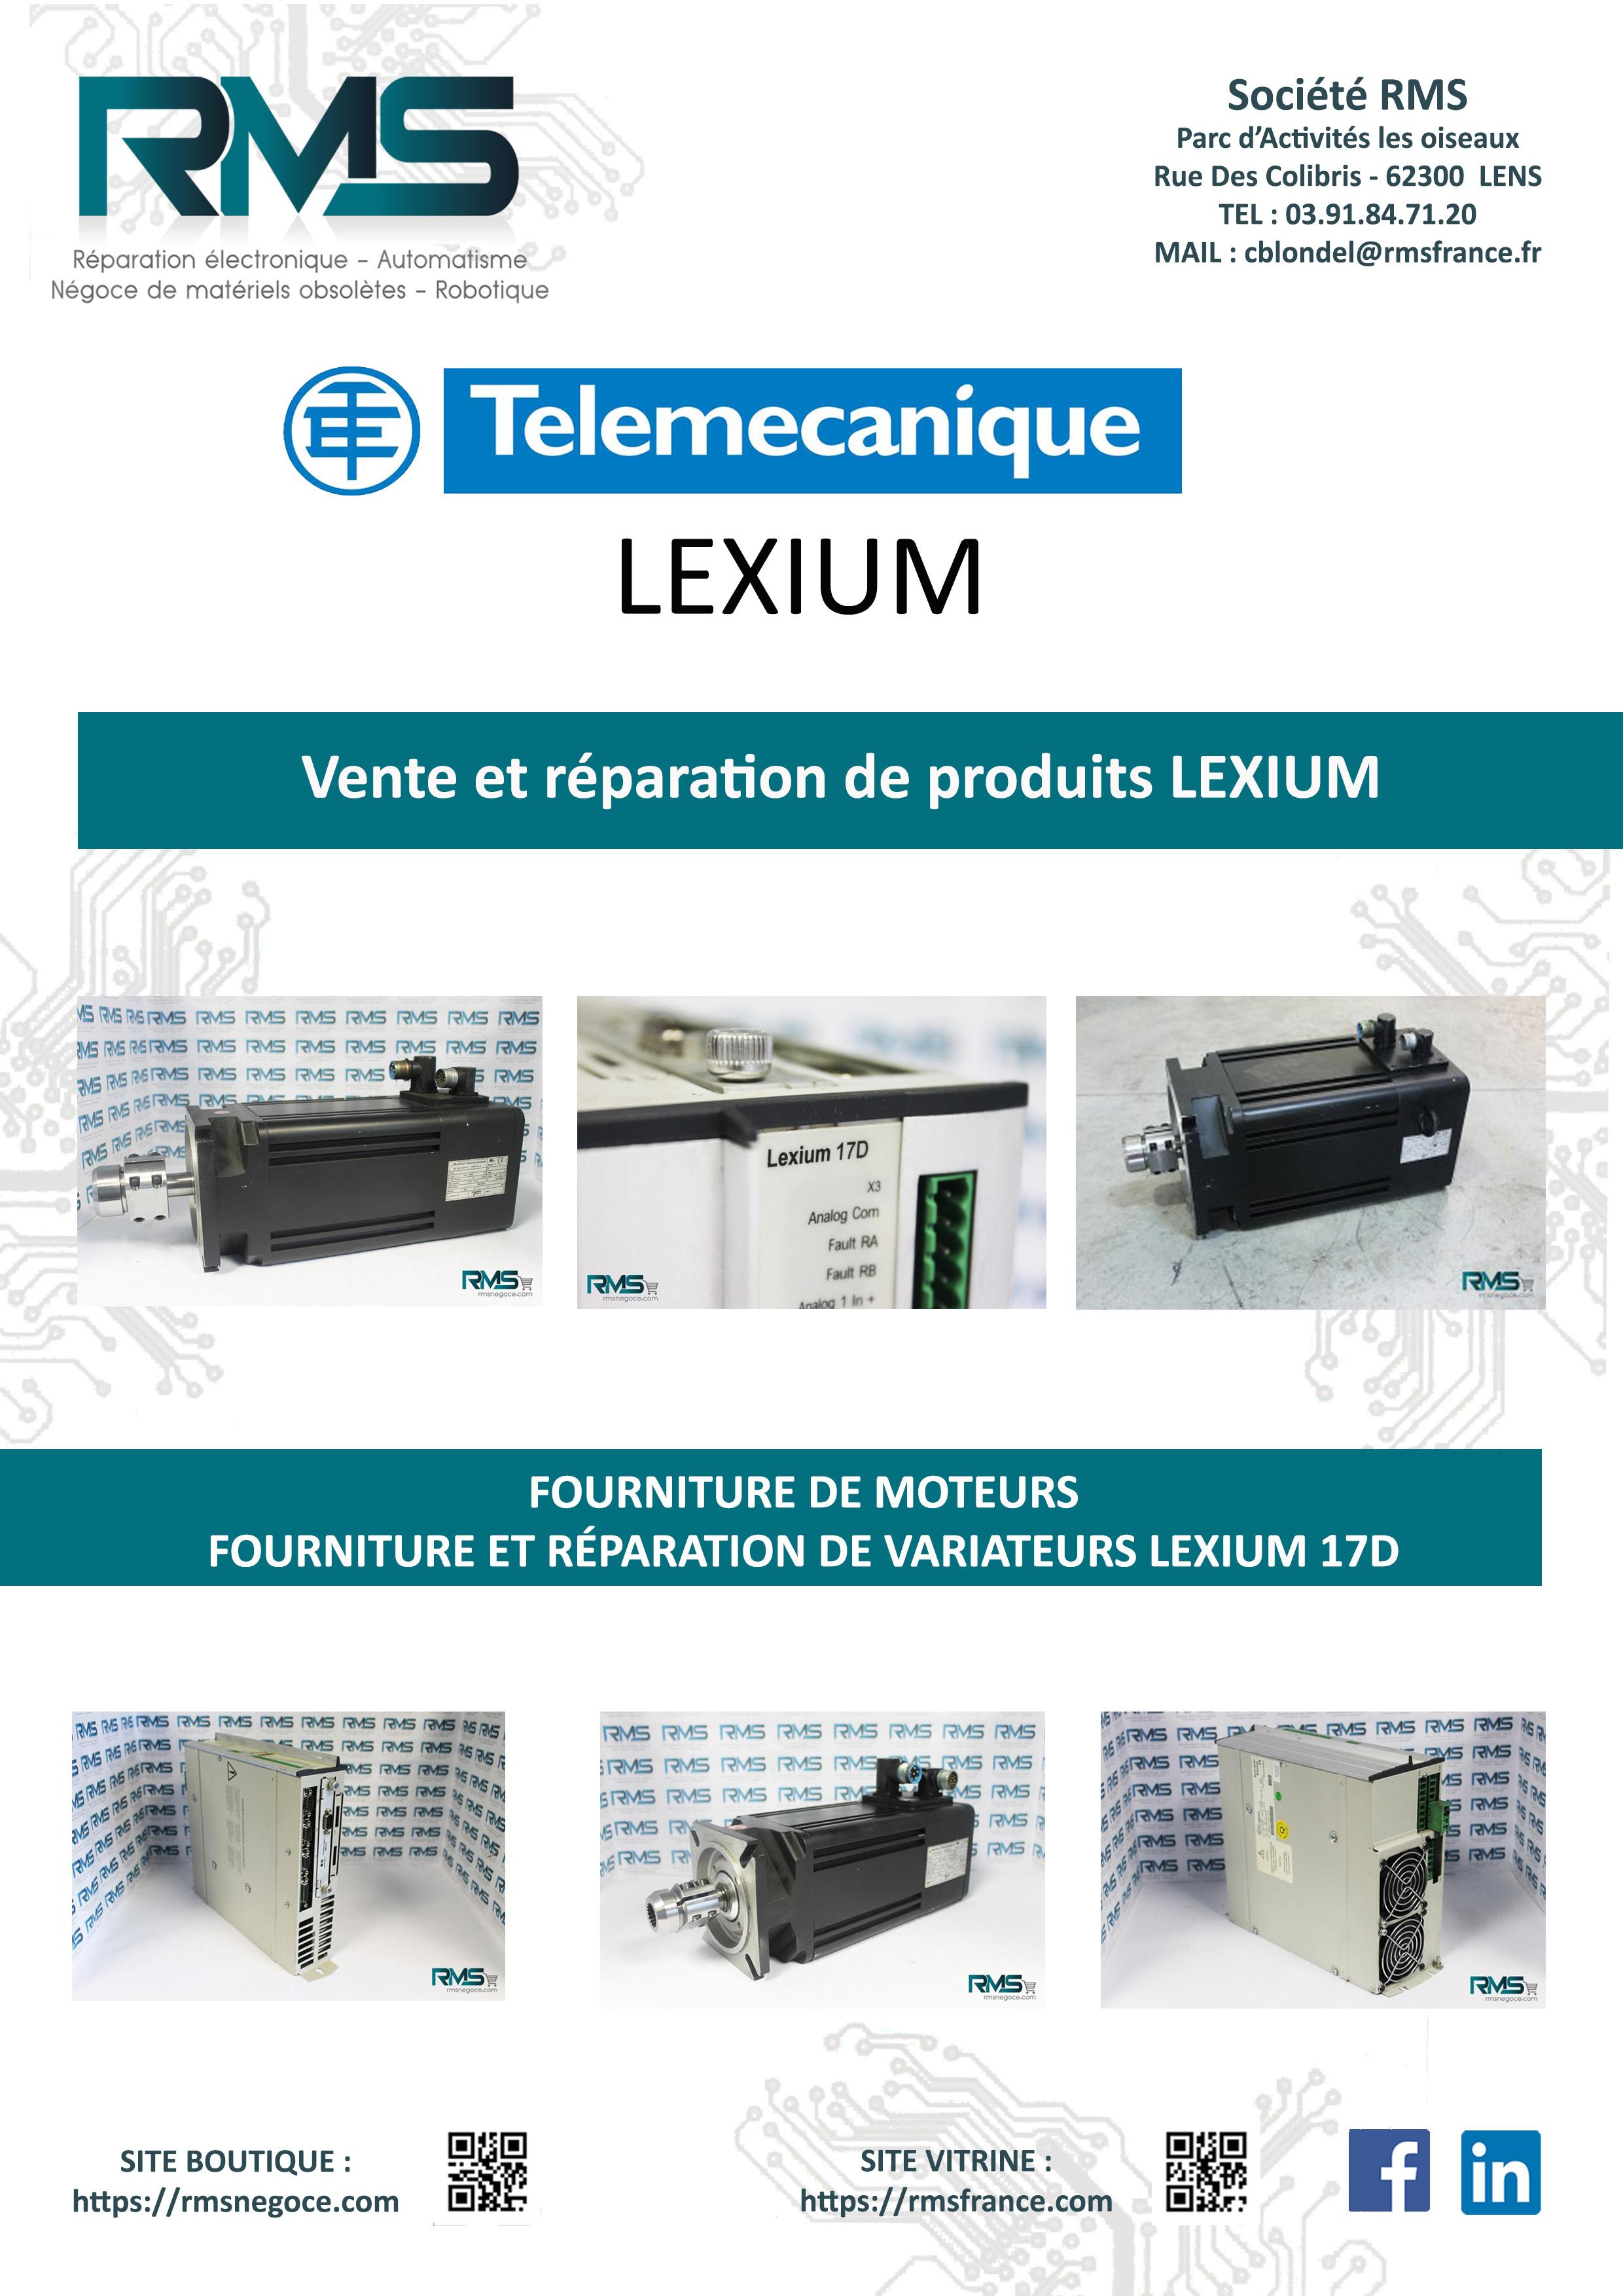 LEXIUM - TELEMECANIQUE LEXIUM - MHDA - LEXIUM 17D